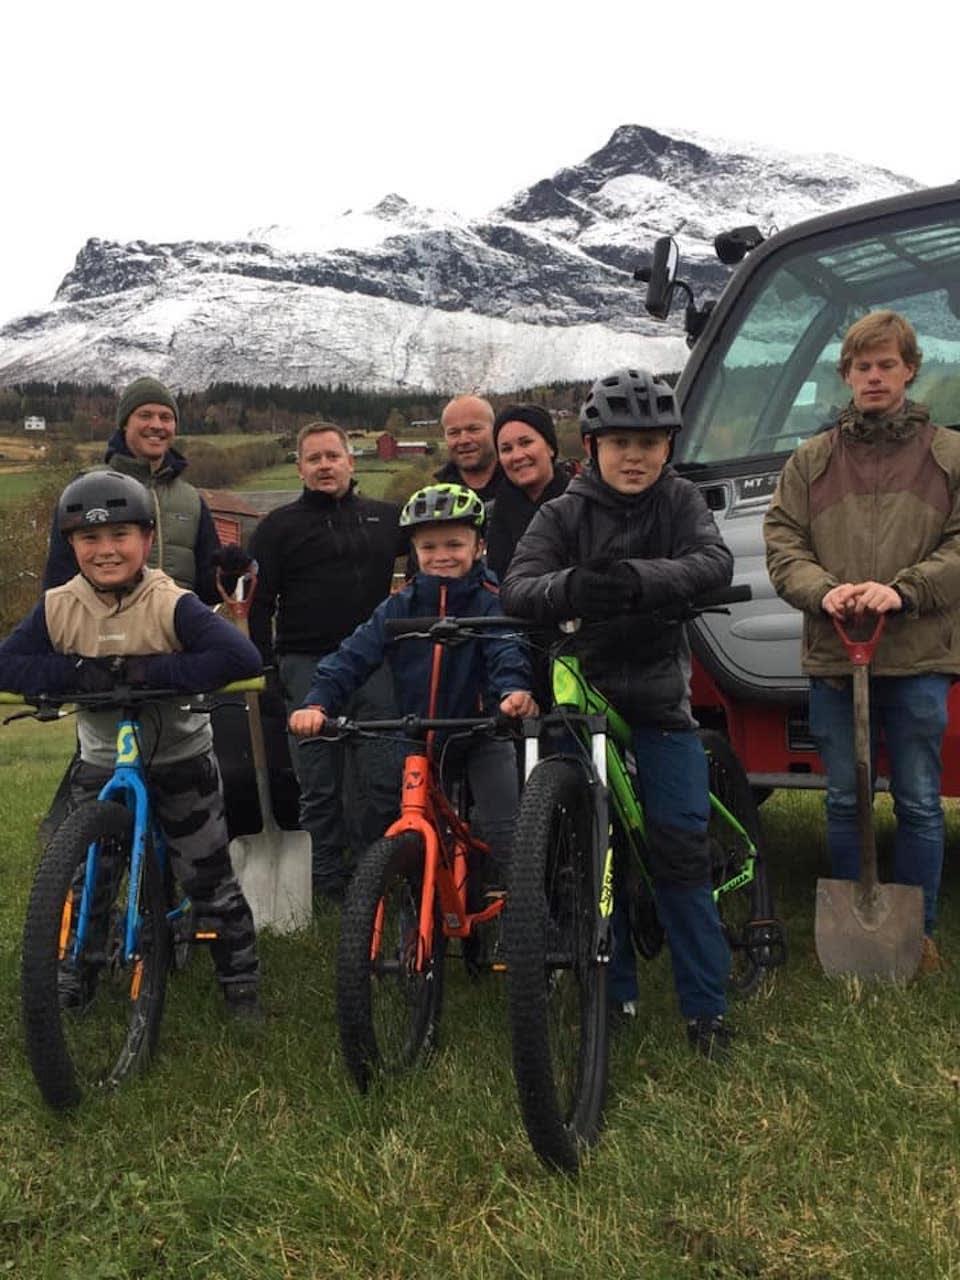 Denne gjengen står bak planene til Makkenparken, og er klare til å gå i gang med anleggsarbeidet. Foto: Belinda Dalemark Wangensteen